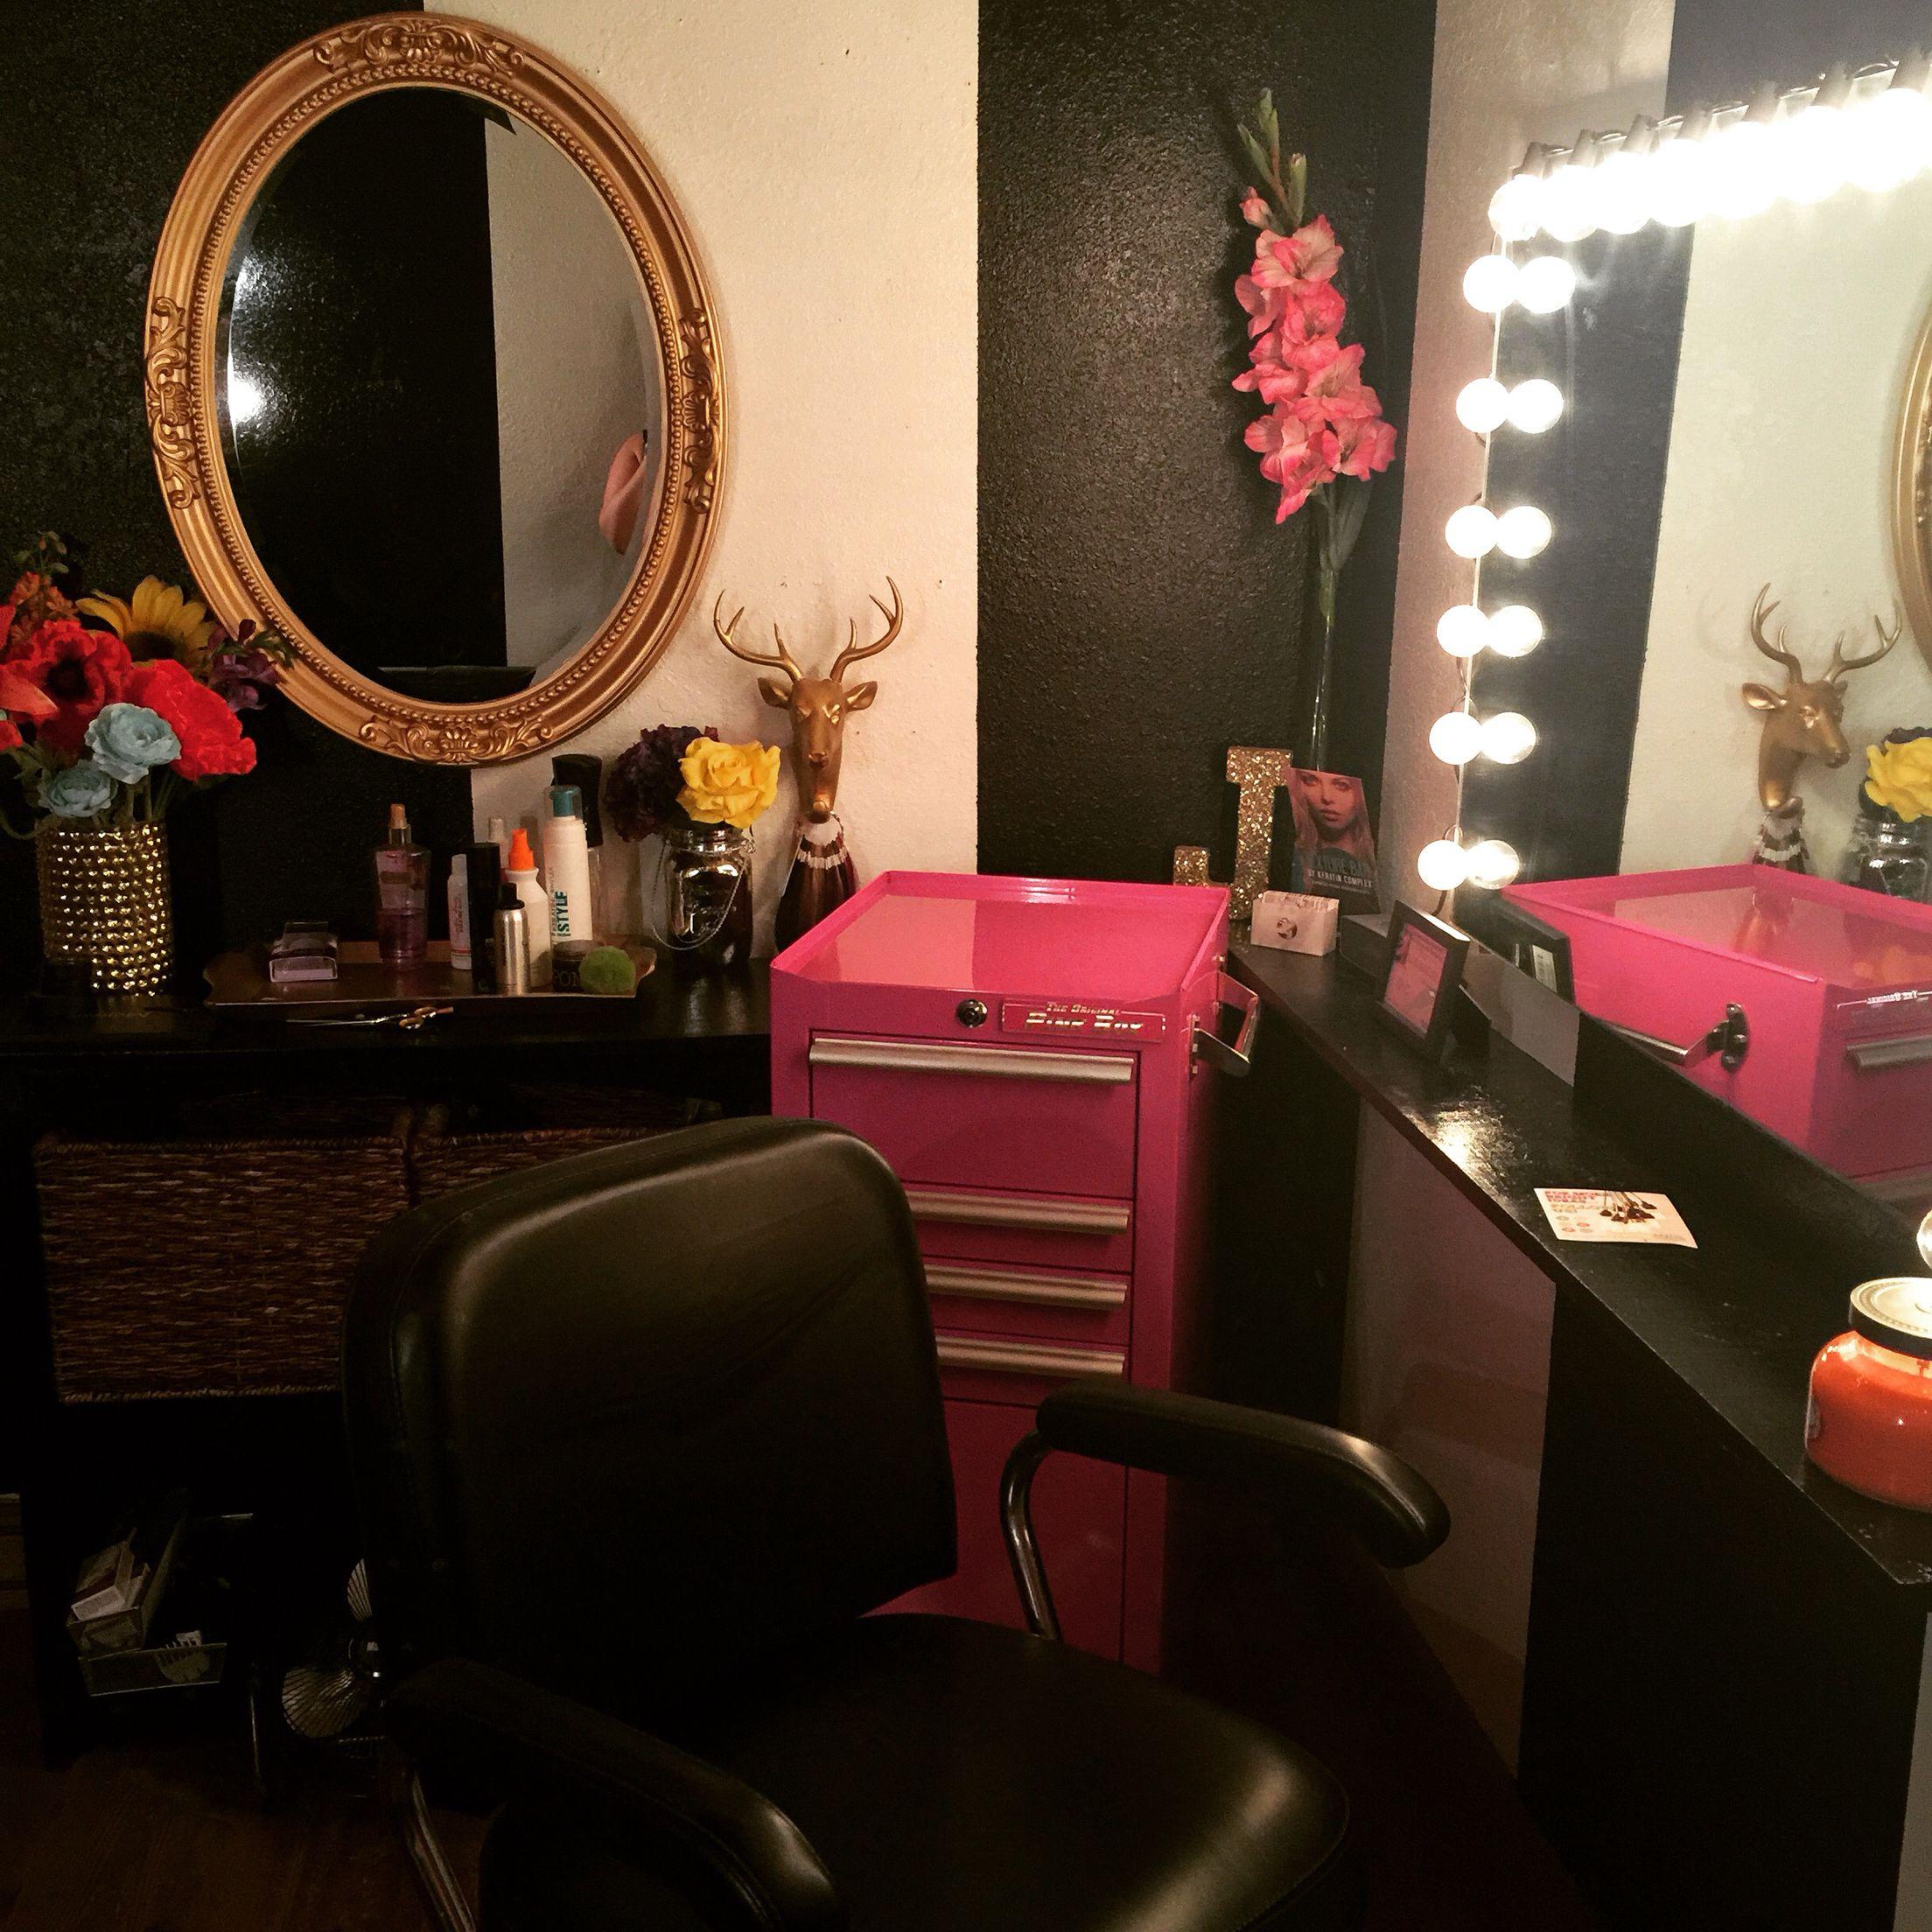 Salon Suite Pink Tool Box Vintage Salon Personal Salon